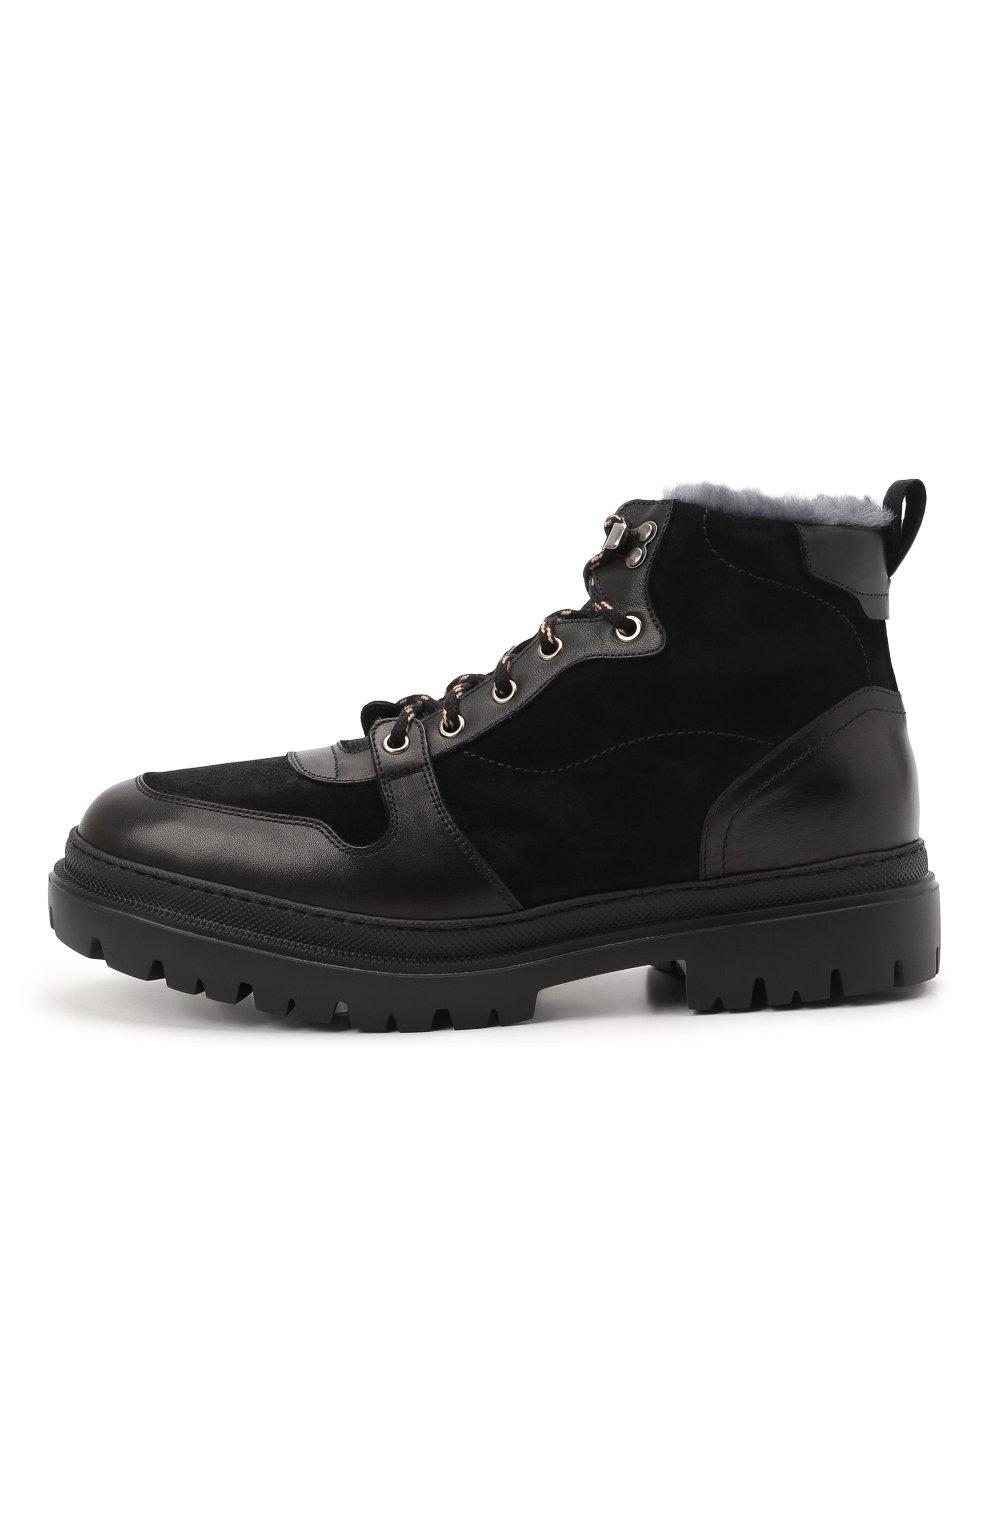 Мужские комбинированные ботинки H`D`S`N BARACCO черного цвета, арт. 81530.VMN.0* | Фото 3 (Материал утеплителя: Натуральный мех; Мужское Кросс-КТ: Хайкеры-обувь, Ботинки-обувь, зимние ботинки; Подошва: Массивная)